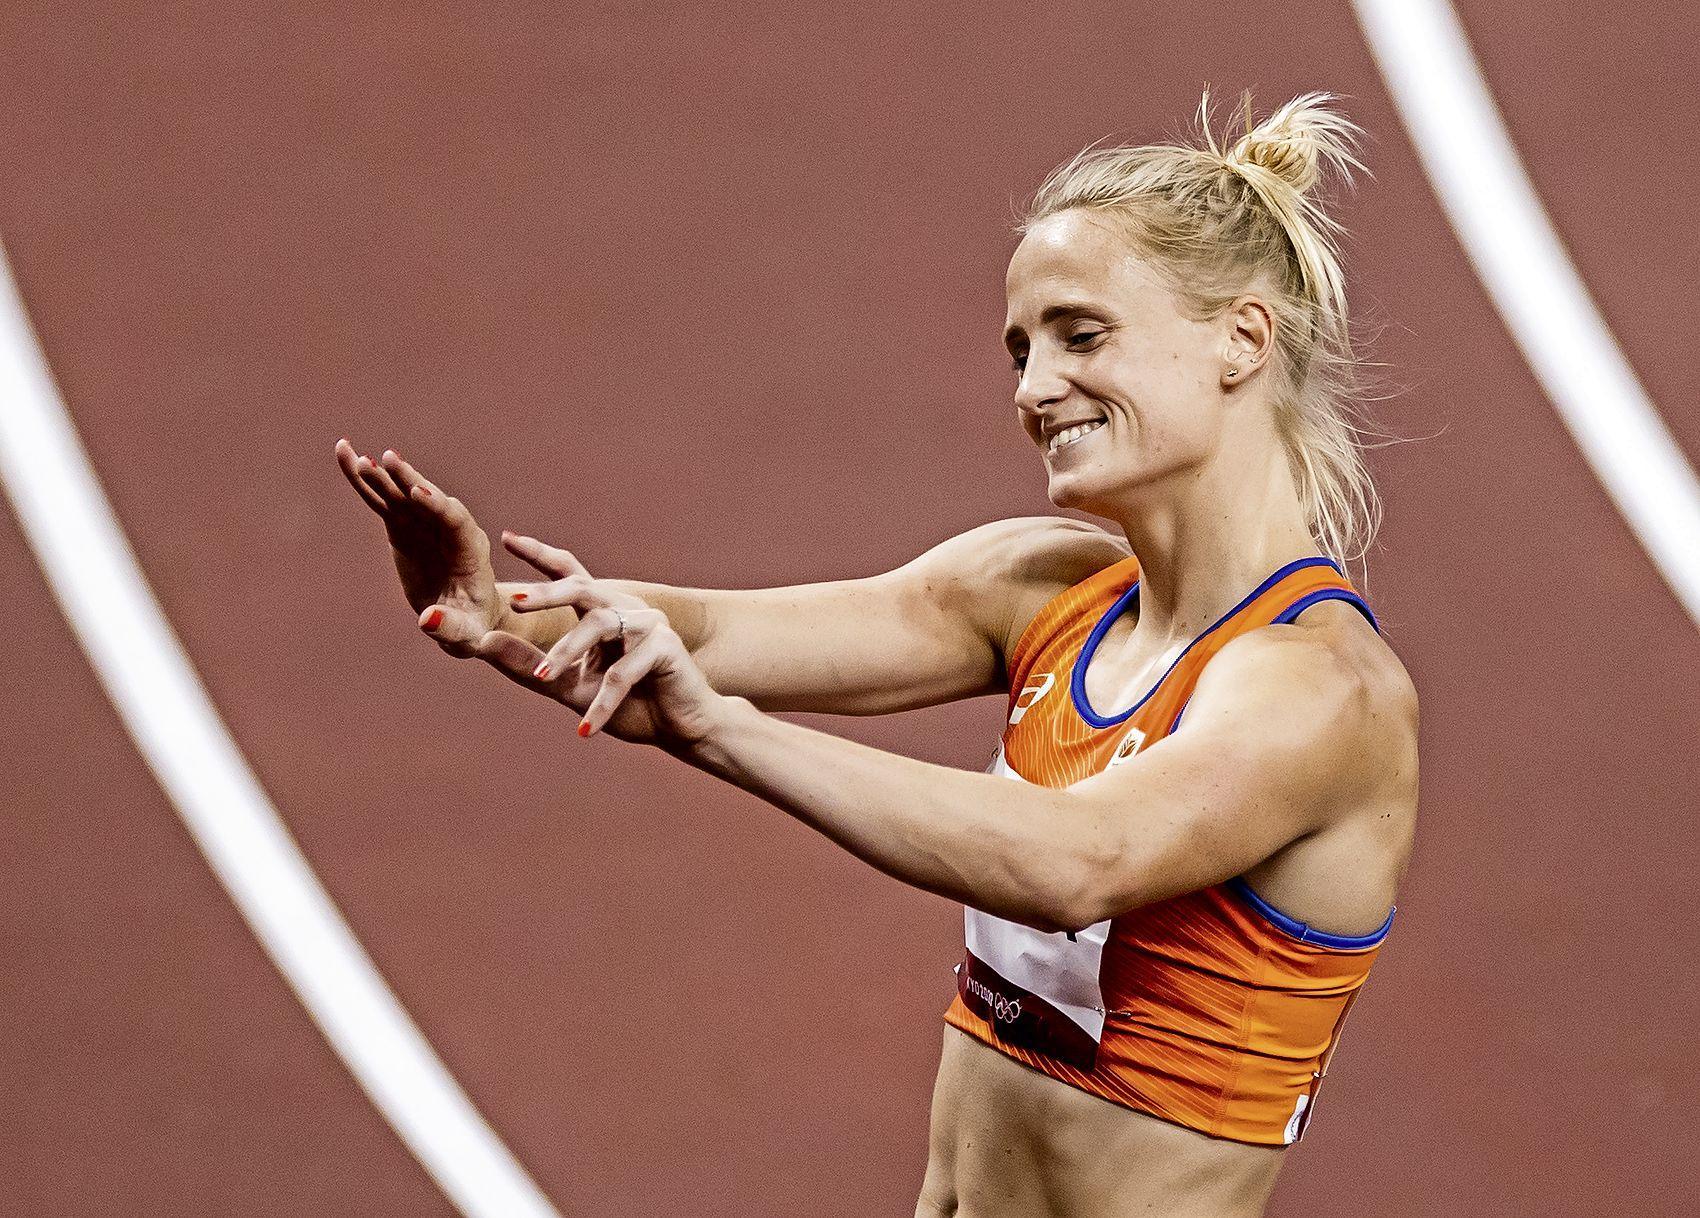 Vetter leidt olympische zevenkamp: 'Ik ga goed'